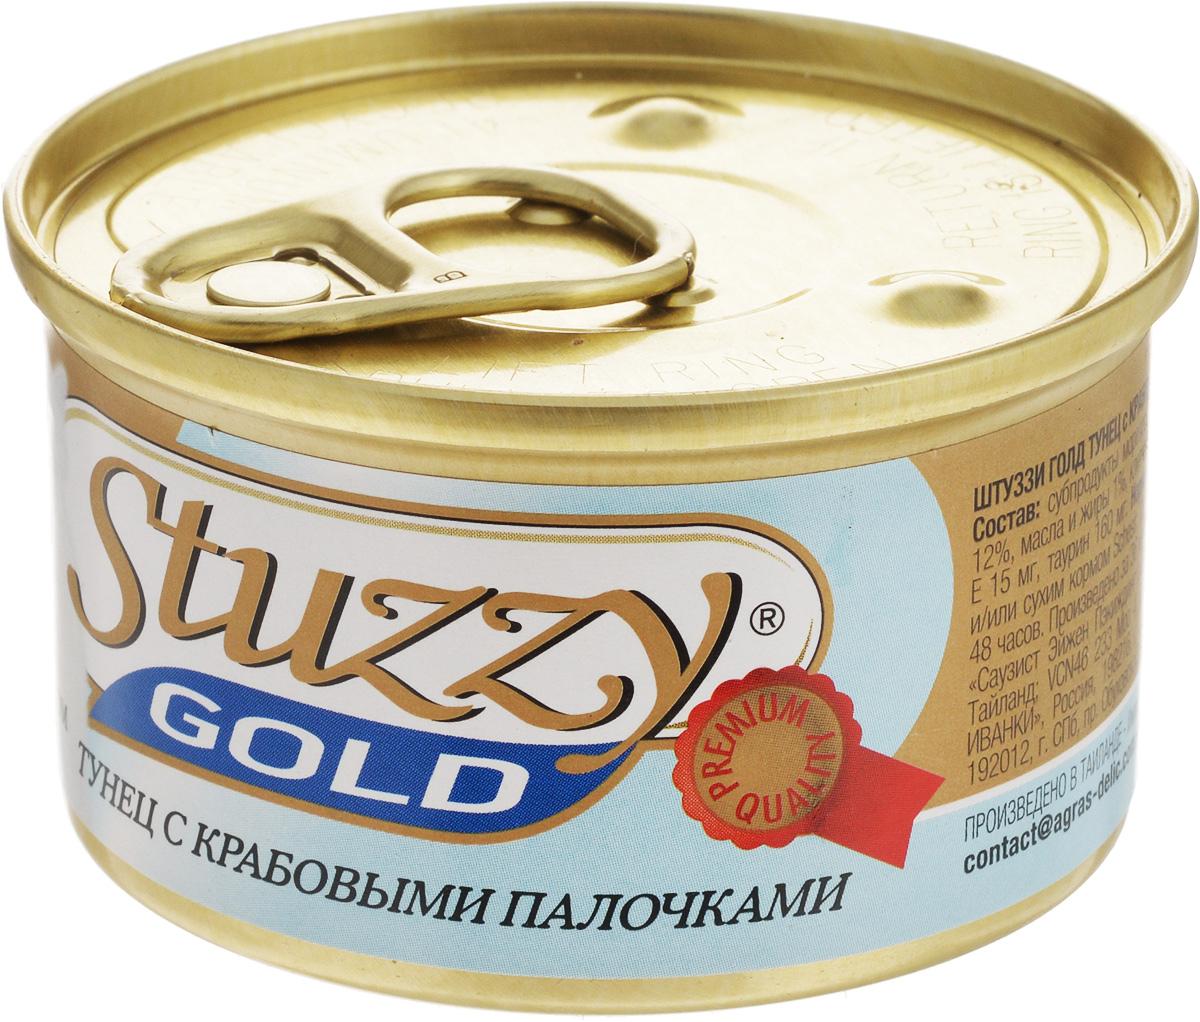 Консервы для взрослых кошек Stuzzy Gold, тунец с крабовыми палочками в собственном соку, 85 г131.C209Консервы для кошек Stuzzy Gold - это дополнительный рацион для взрослых кошек. Корм обогащен таурином и витамином Е для поддержания правильной работы сердца и иммунной системы. Инулин обеспечивает всасывание питательных веществ, а биотин способствуют великолепному внешнему виду кожи и шерсти. Корм приготовлен на пару, не содержит красителей и консервантов.Состав: субпродукты морепродуктов (тунец 50,2%, крабовые палочки 4%), рис 2,2%.Питательная ценность: белки 12%, масла и жиры 1%, клетчатка 1%, зола 2,5%. Влажность 80%.Питательные добавки (на кг): витамин А 1325 МЕ, витамин Е 15 мг, таурин 160 мг.Товар сертифицирован.